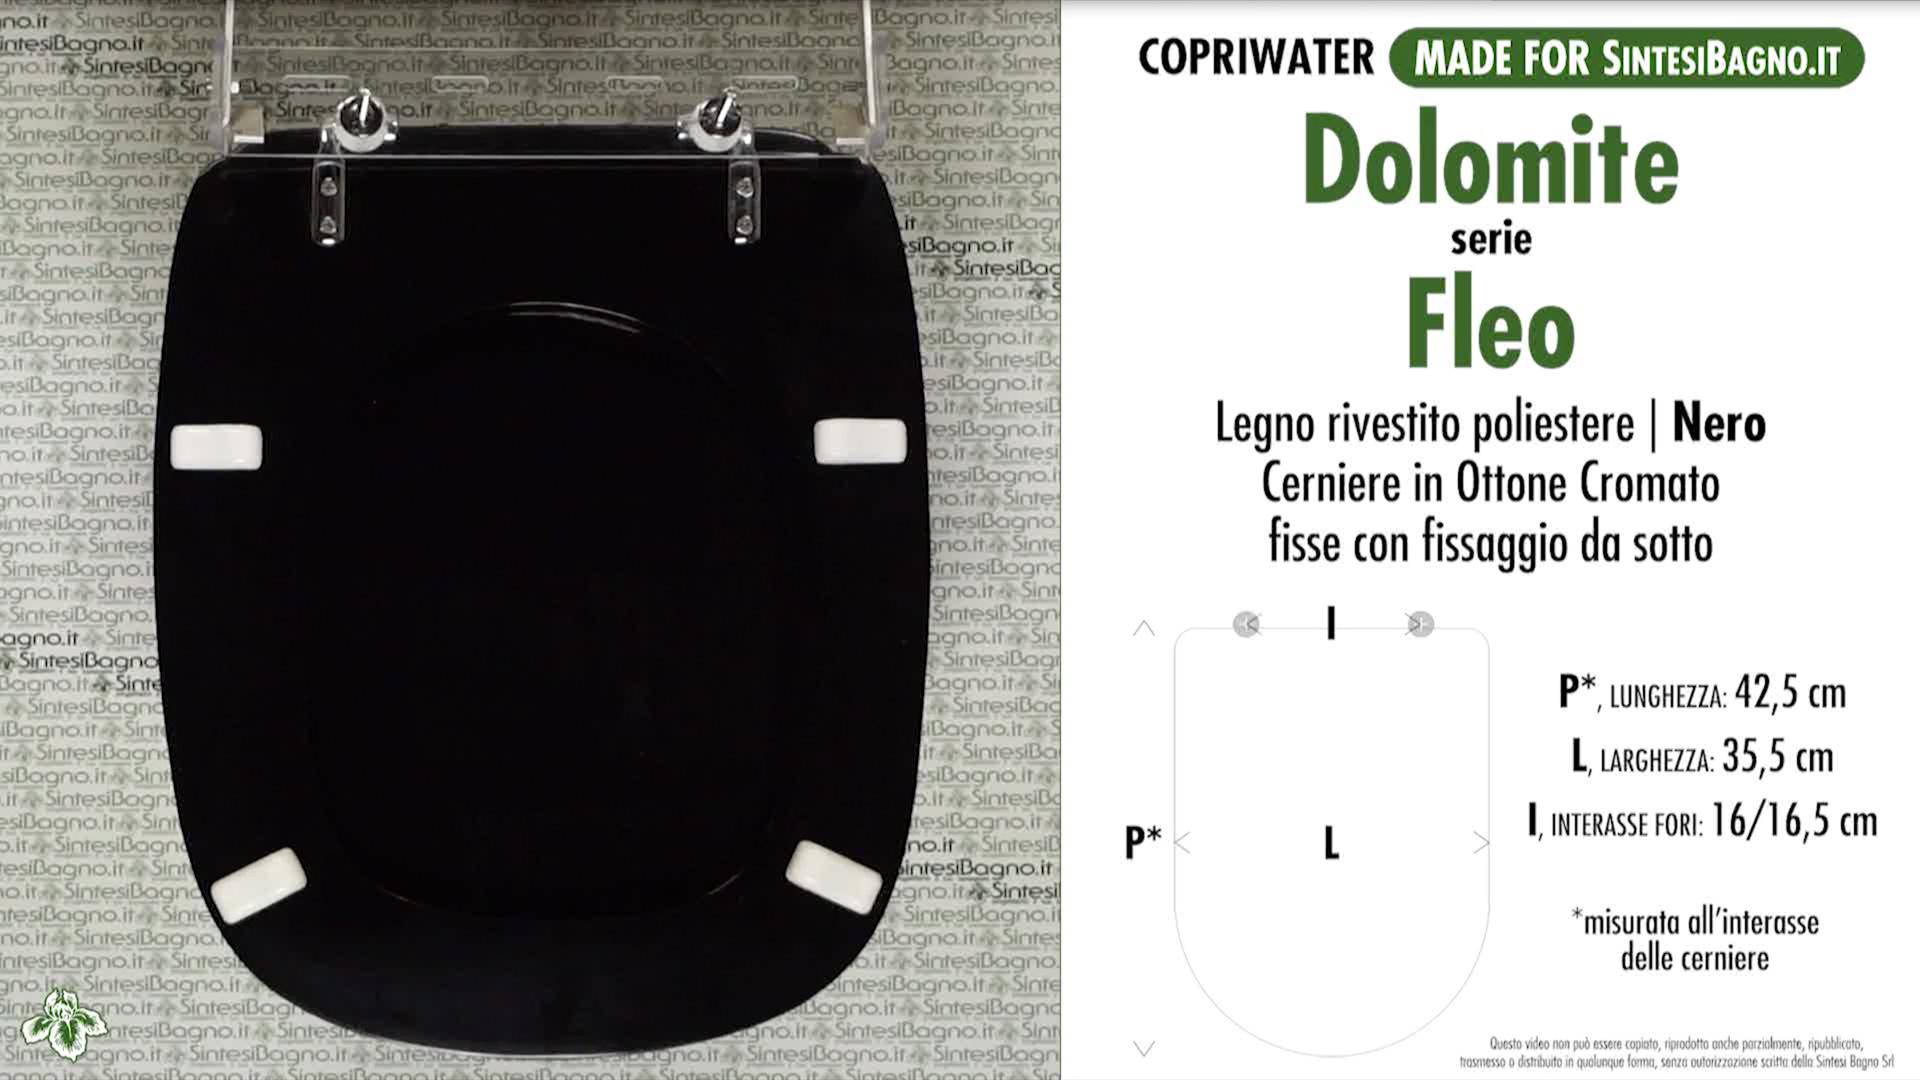 Accessori Originale E Sanitari Copriwater Dolomite Fleo Bagno b76yfg